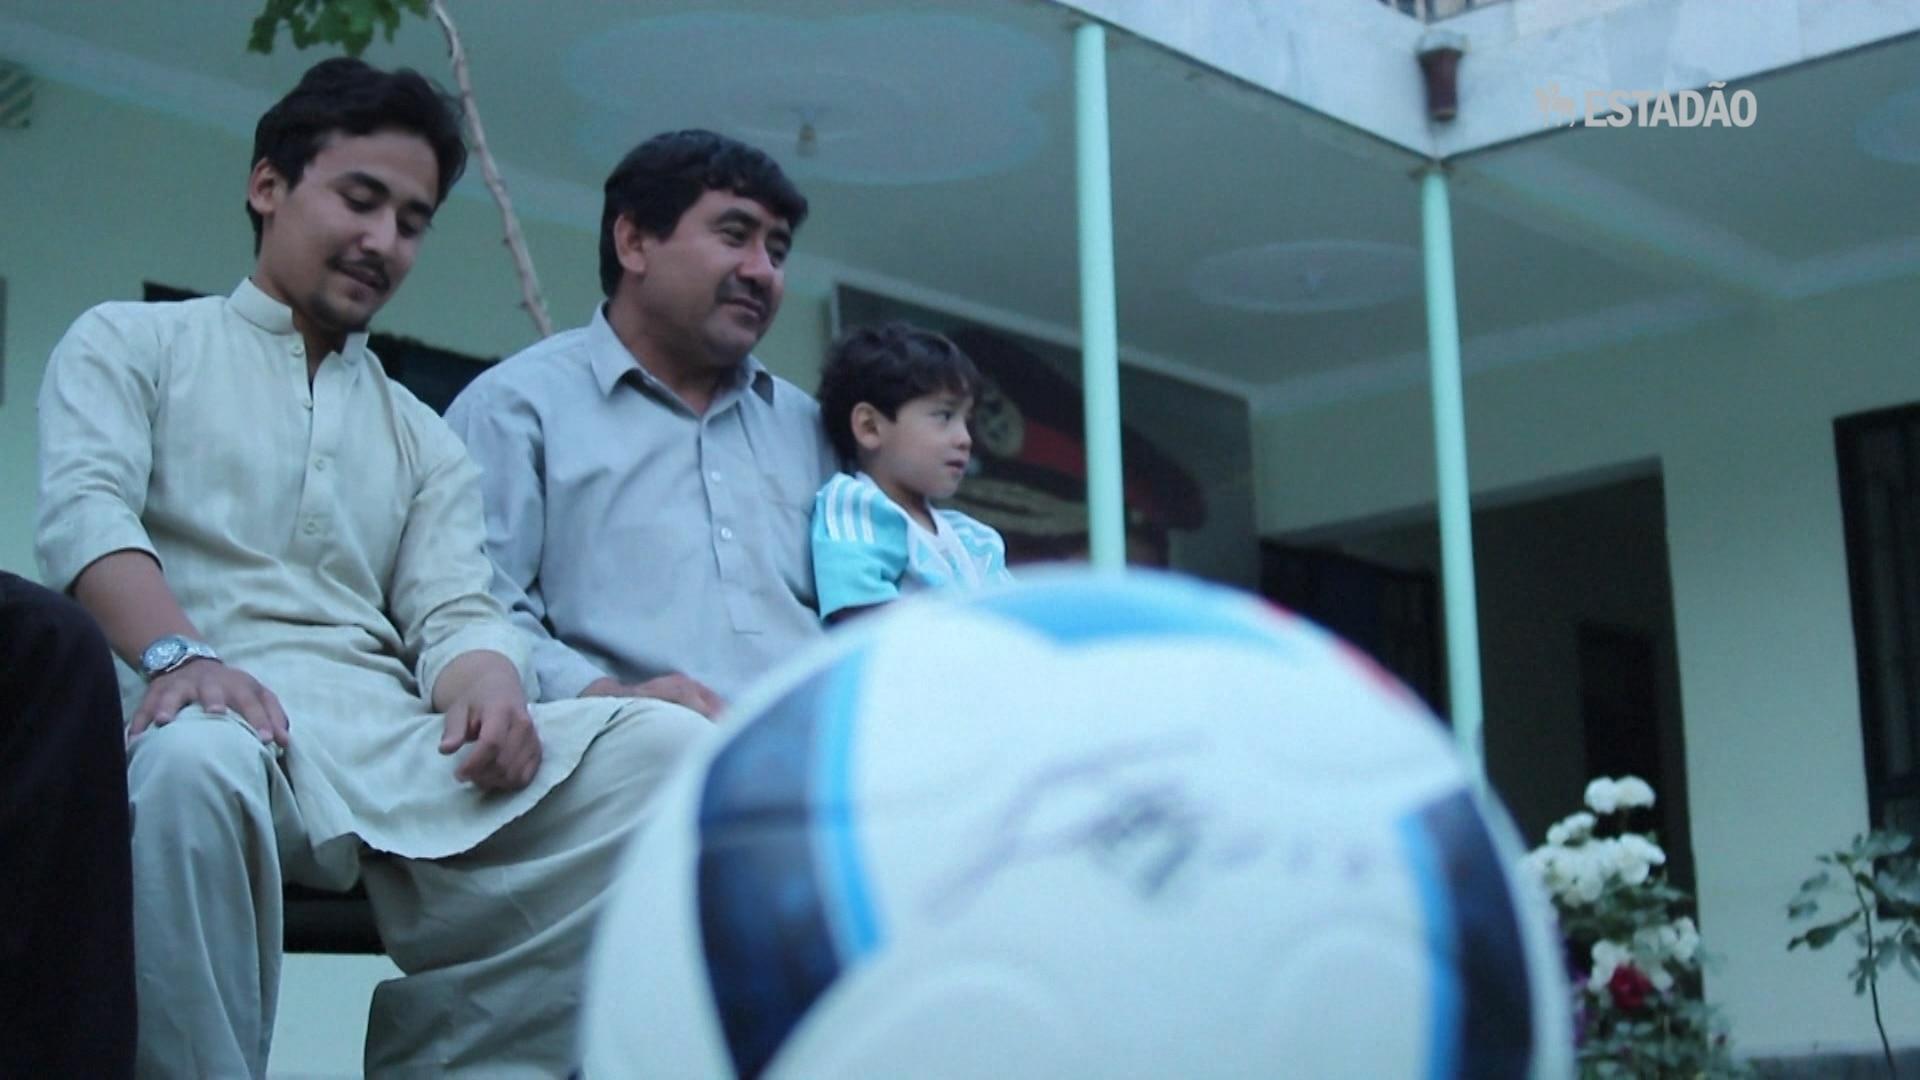 Pequeno 'Messi afegão' fugiu para o Paquistão após ameaças